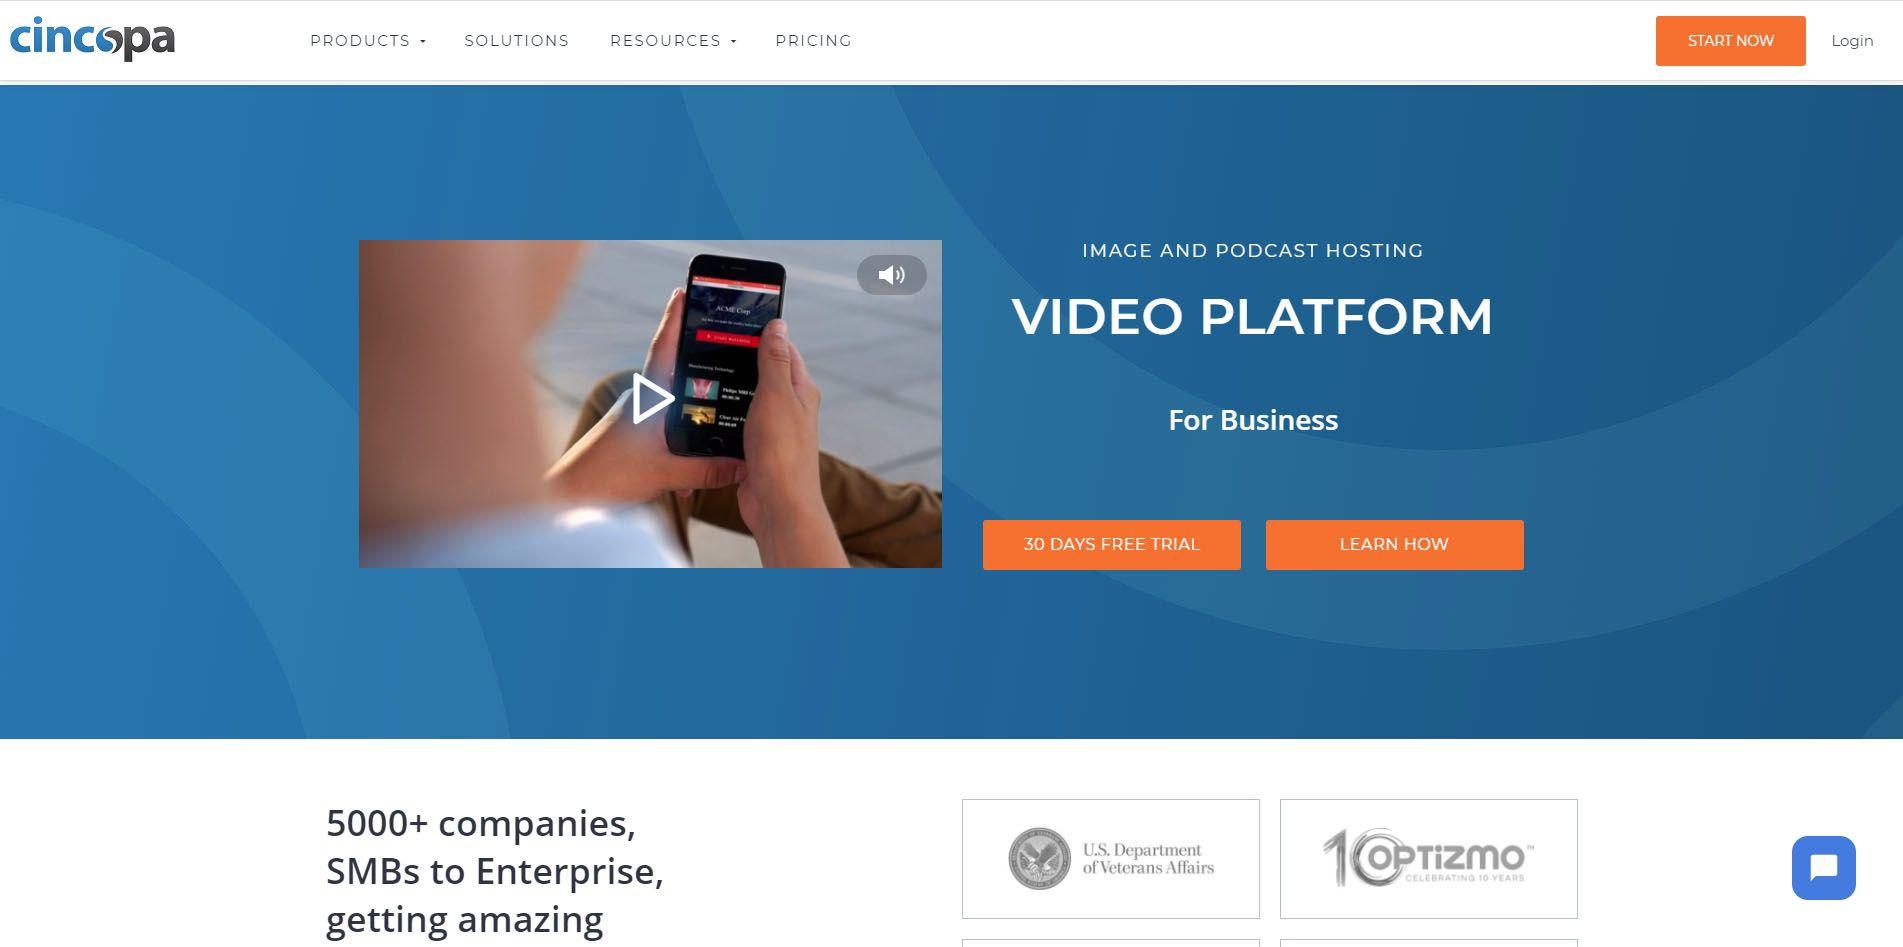 Cincospa website.